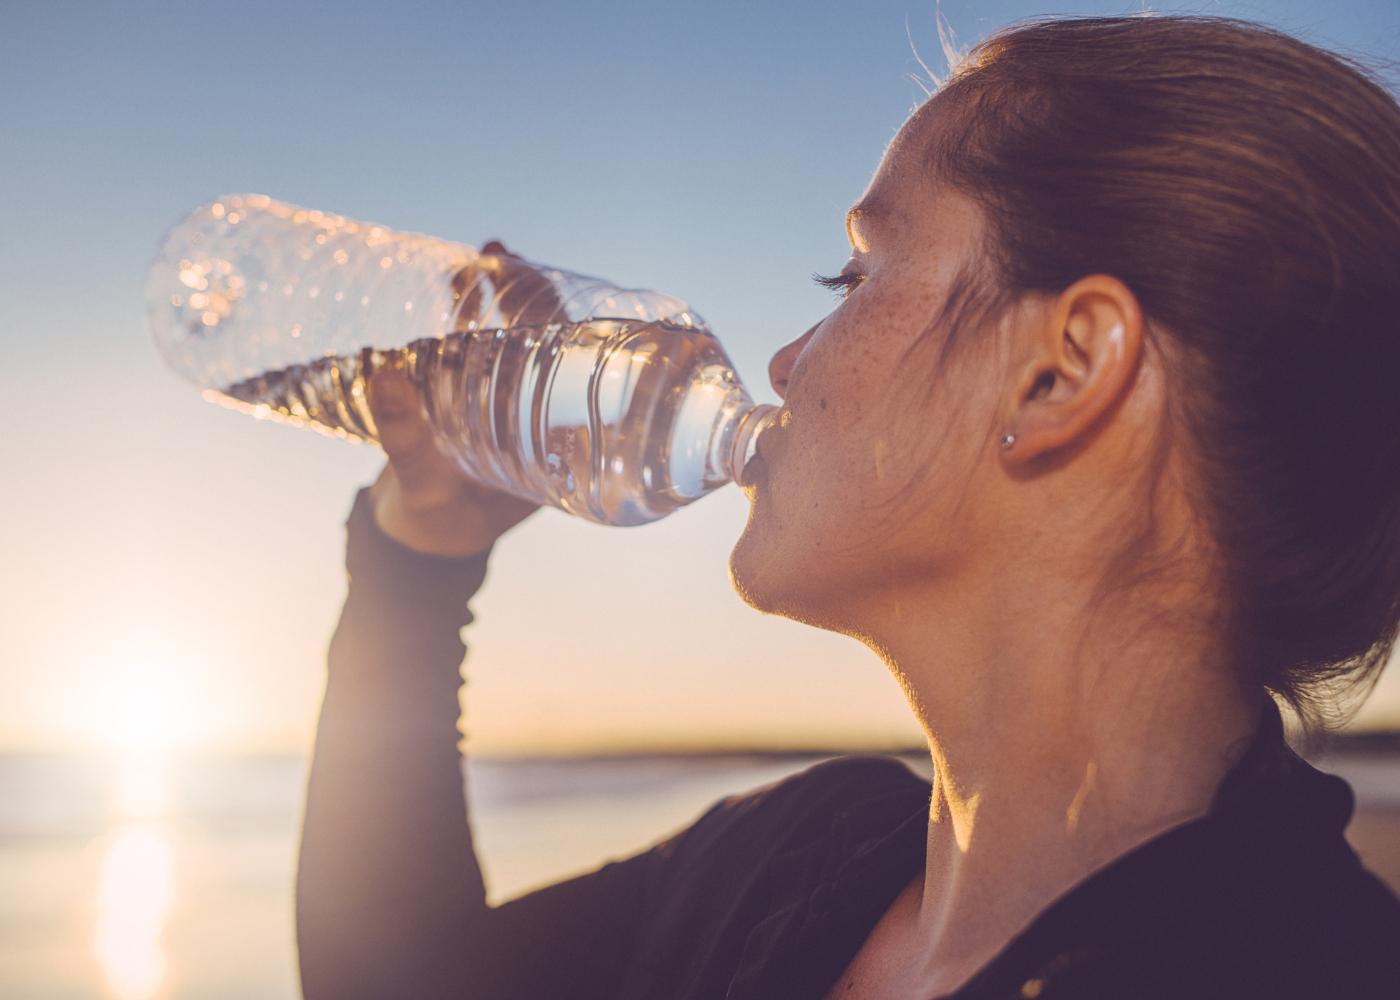 mulher a beber água de garrafa